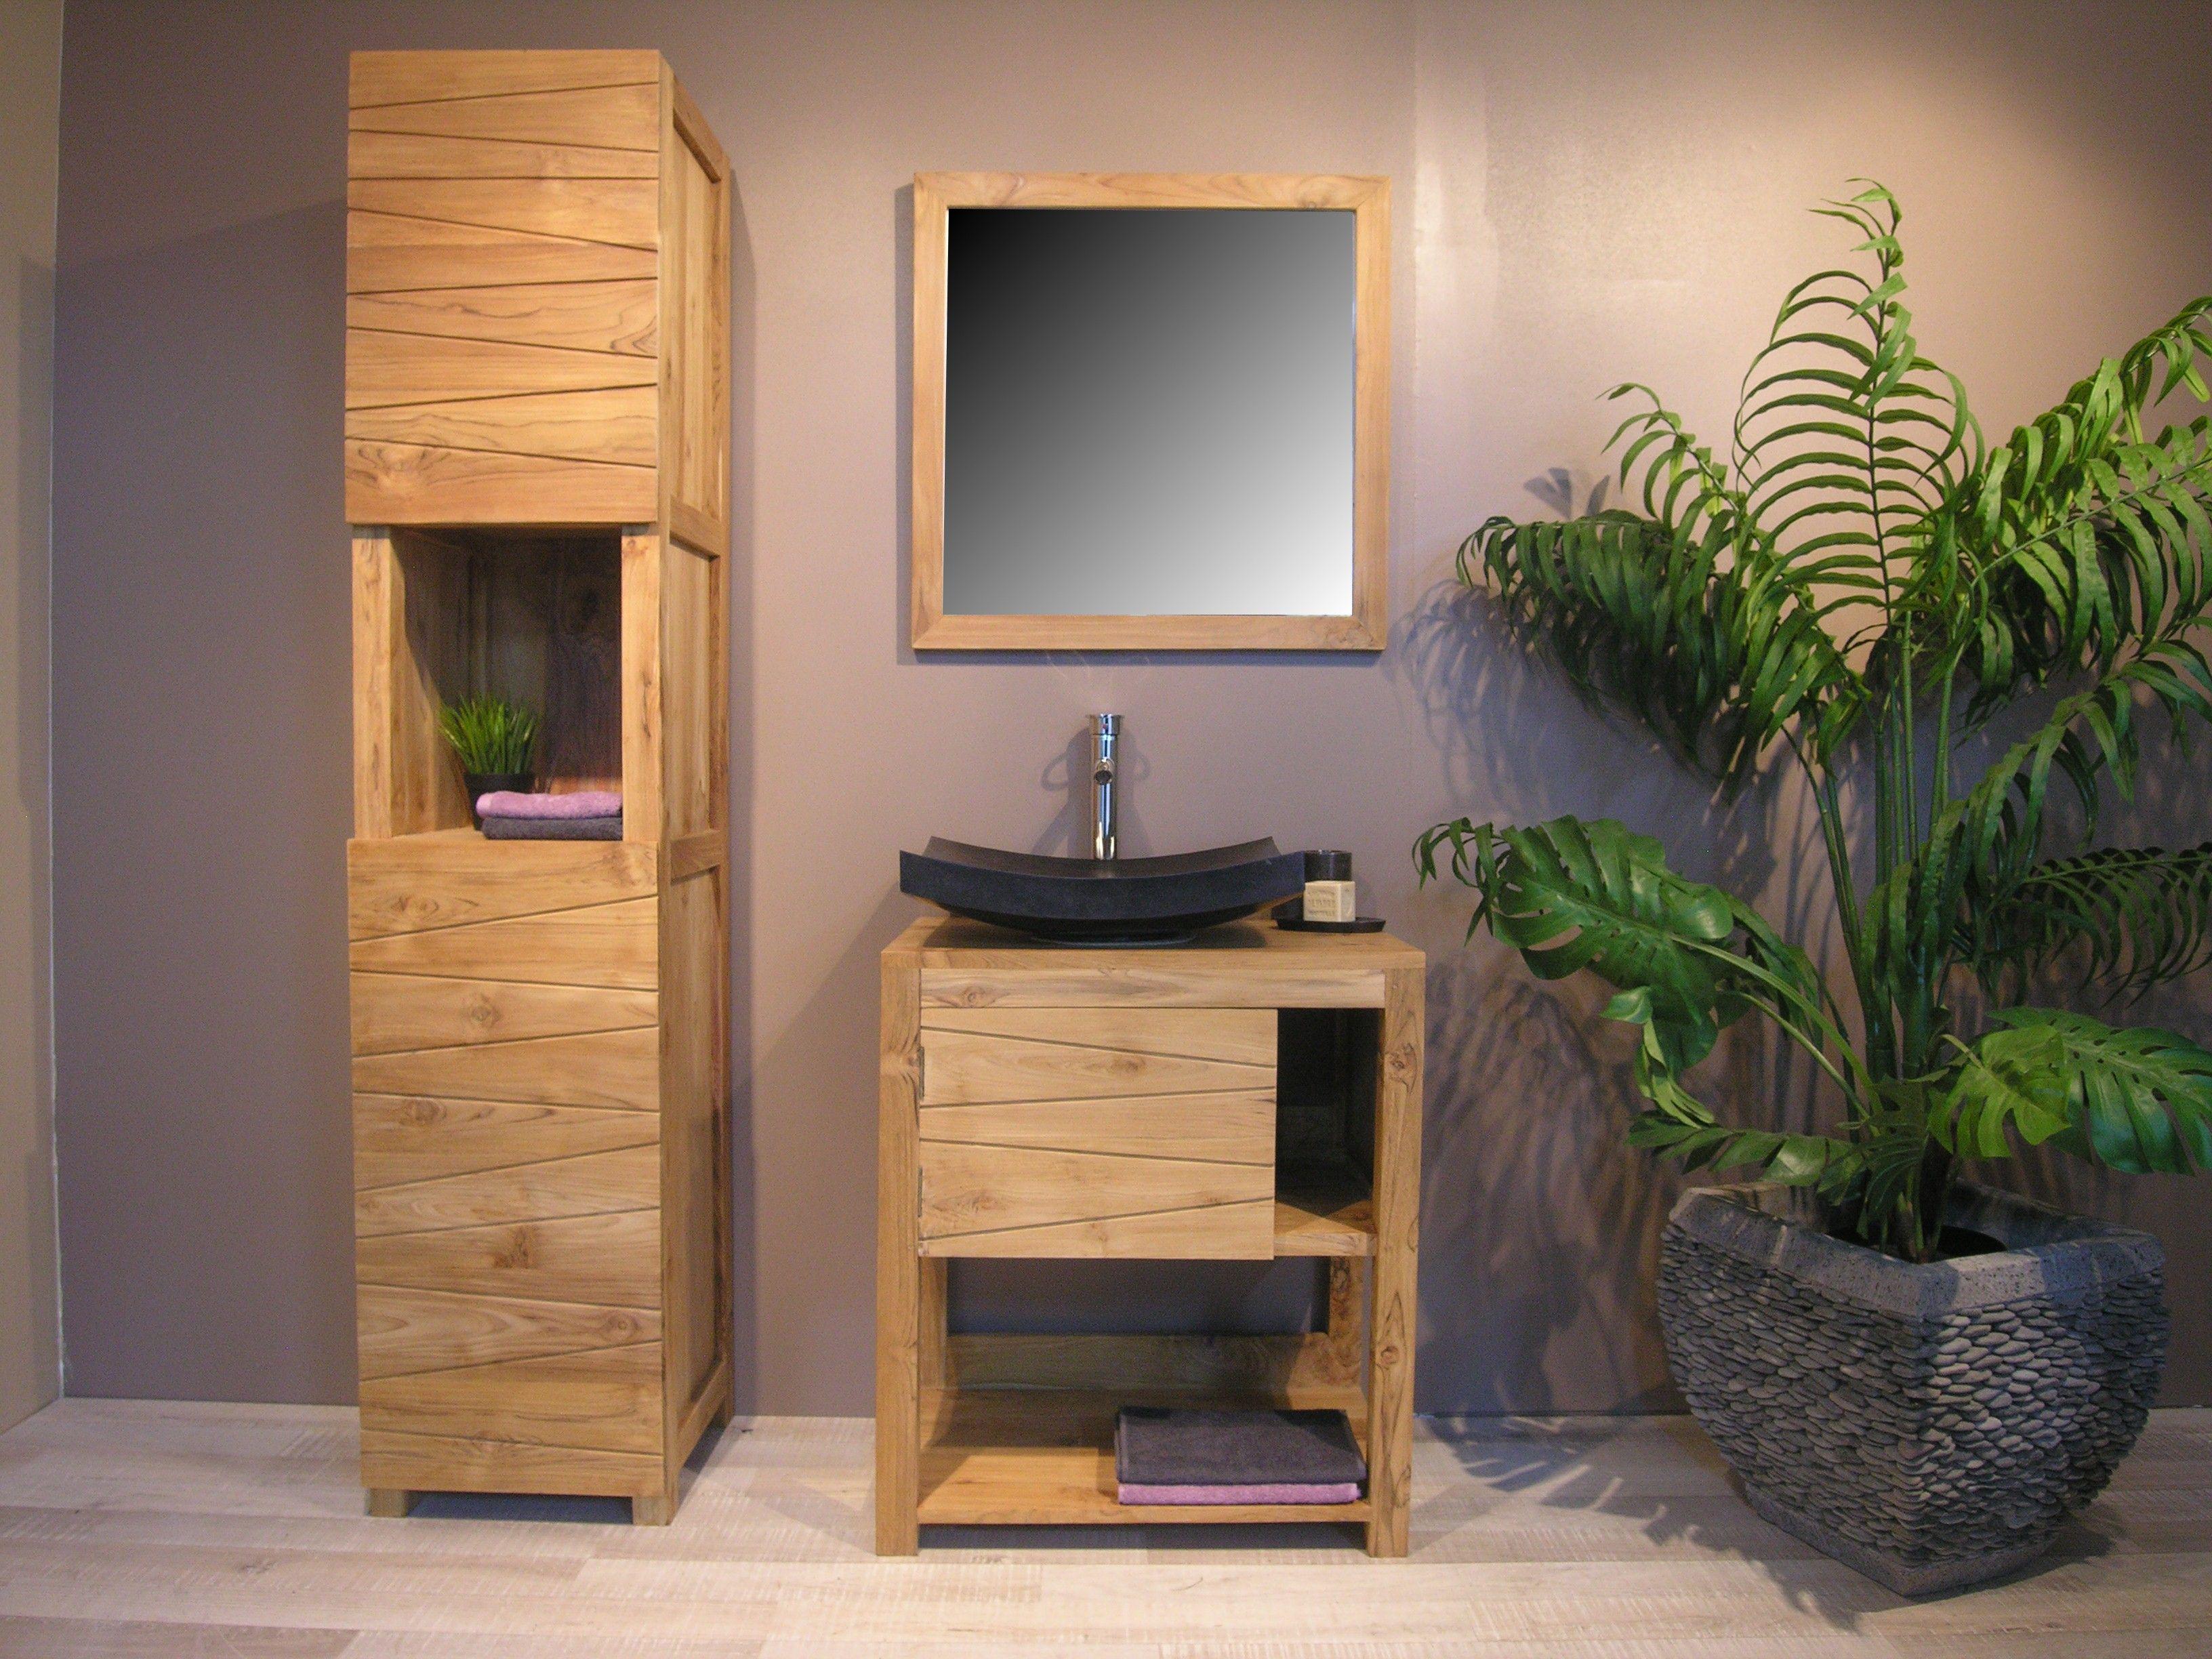 Meuble Rangement Salle De Bain Recherche Google Bad Bank Badezimmer Gunstig Coole Mobel